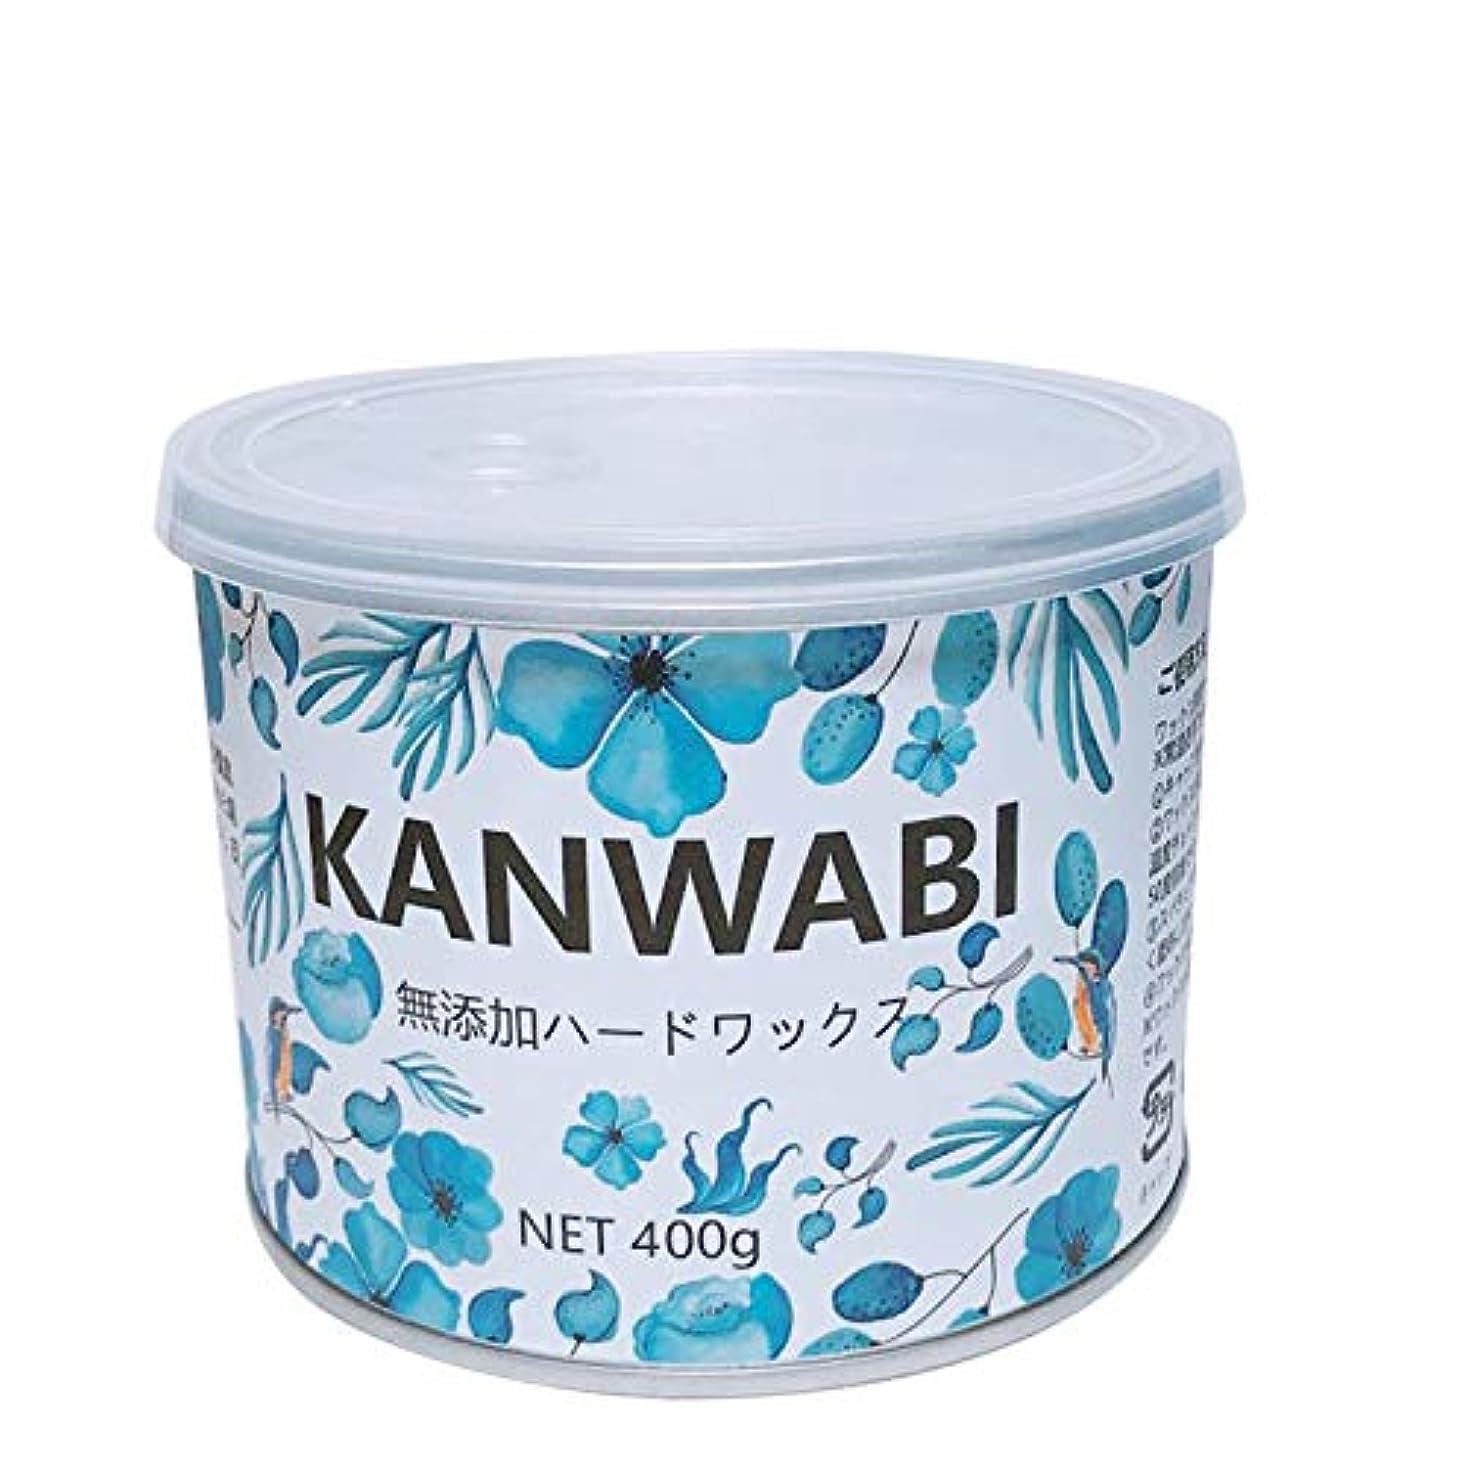 唯一法的洋服KANWABI 日本製脱毛ワックス ハードワックス400g